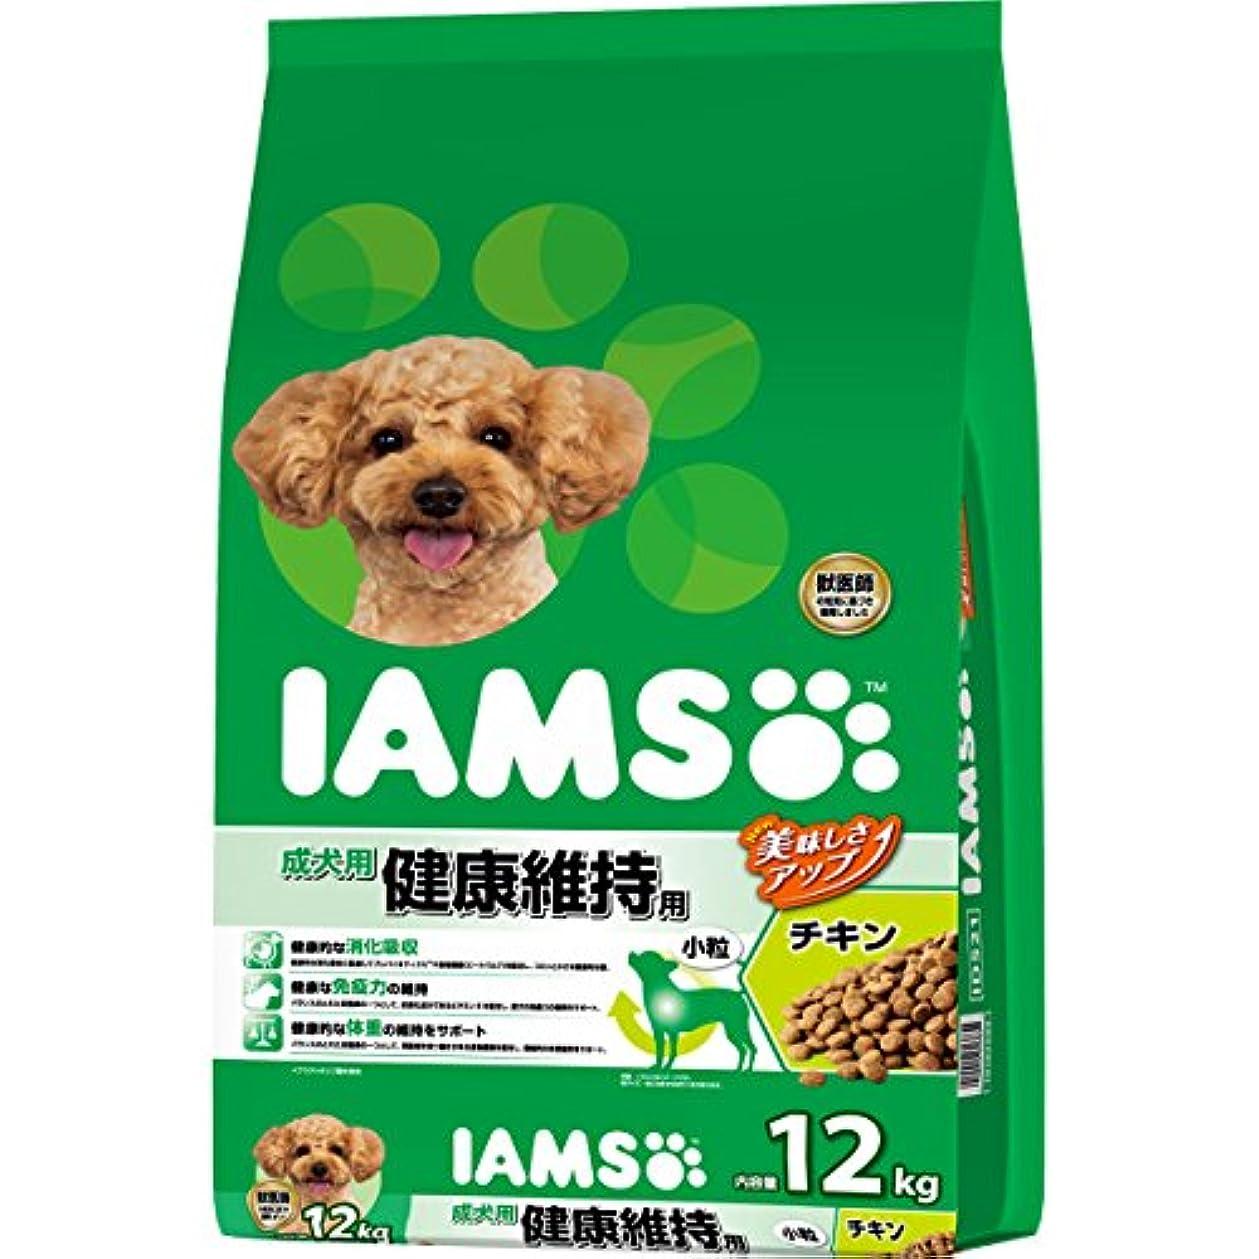 コロニー促進するリッチアイムス (IAMS) ドッグフード 成犬用 健康維持用 小粒 チキン 12kg